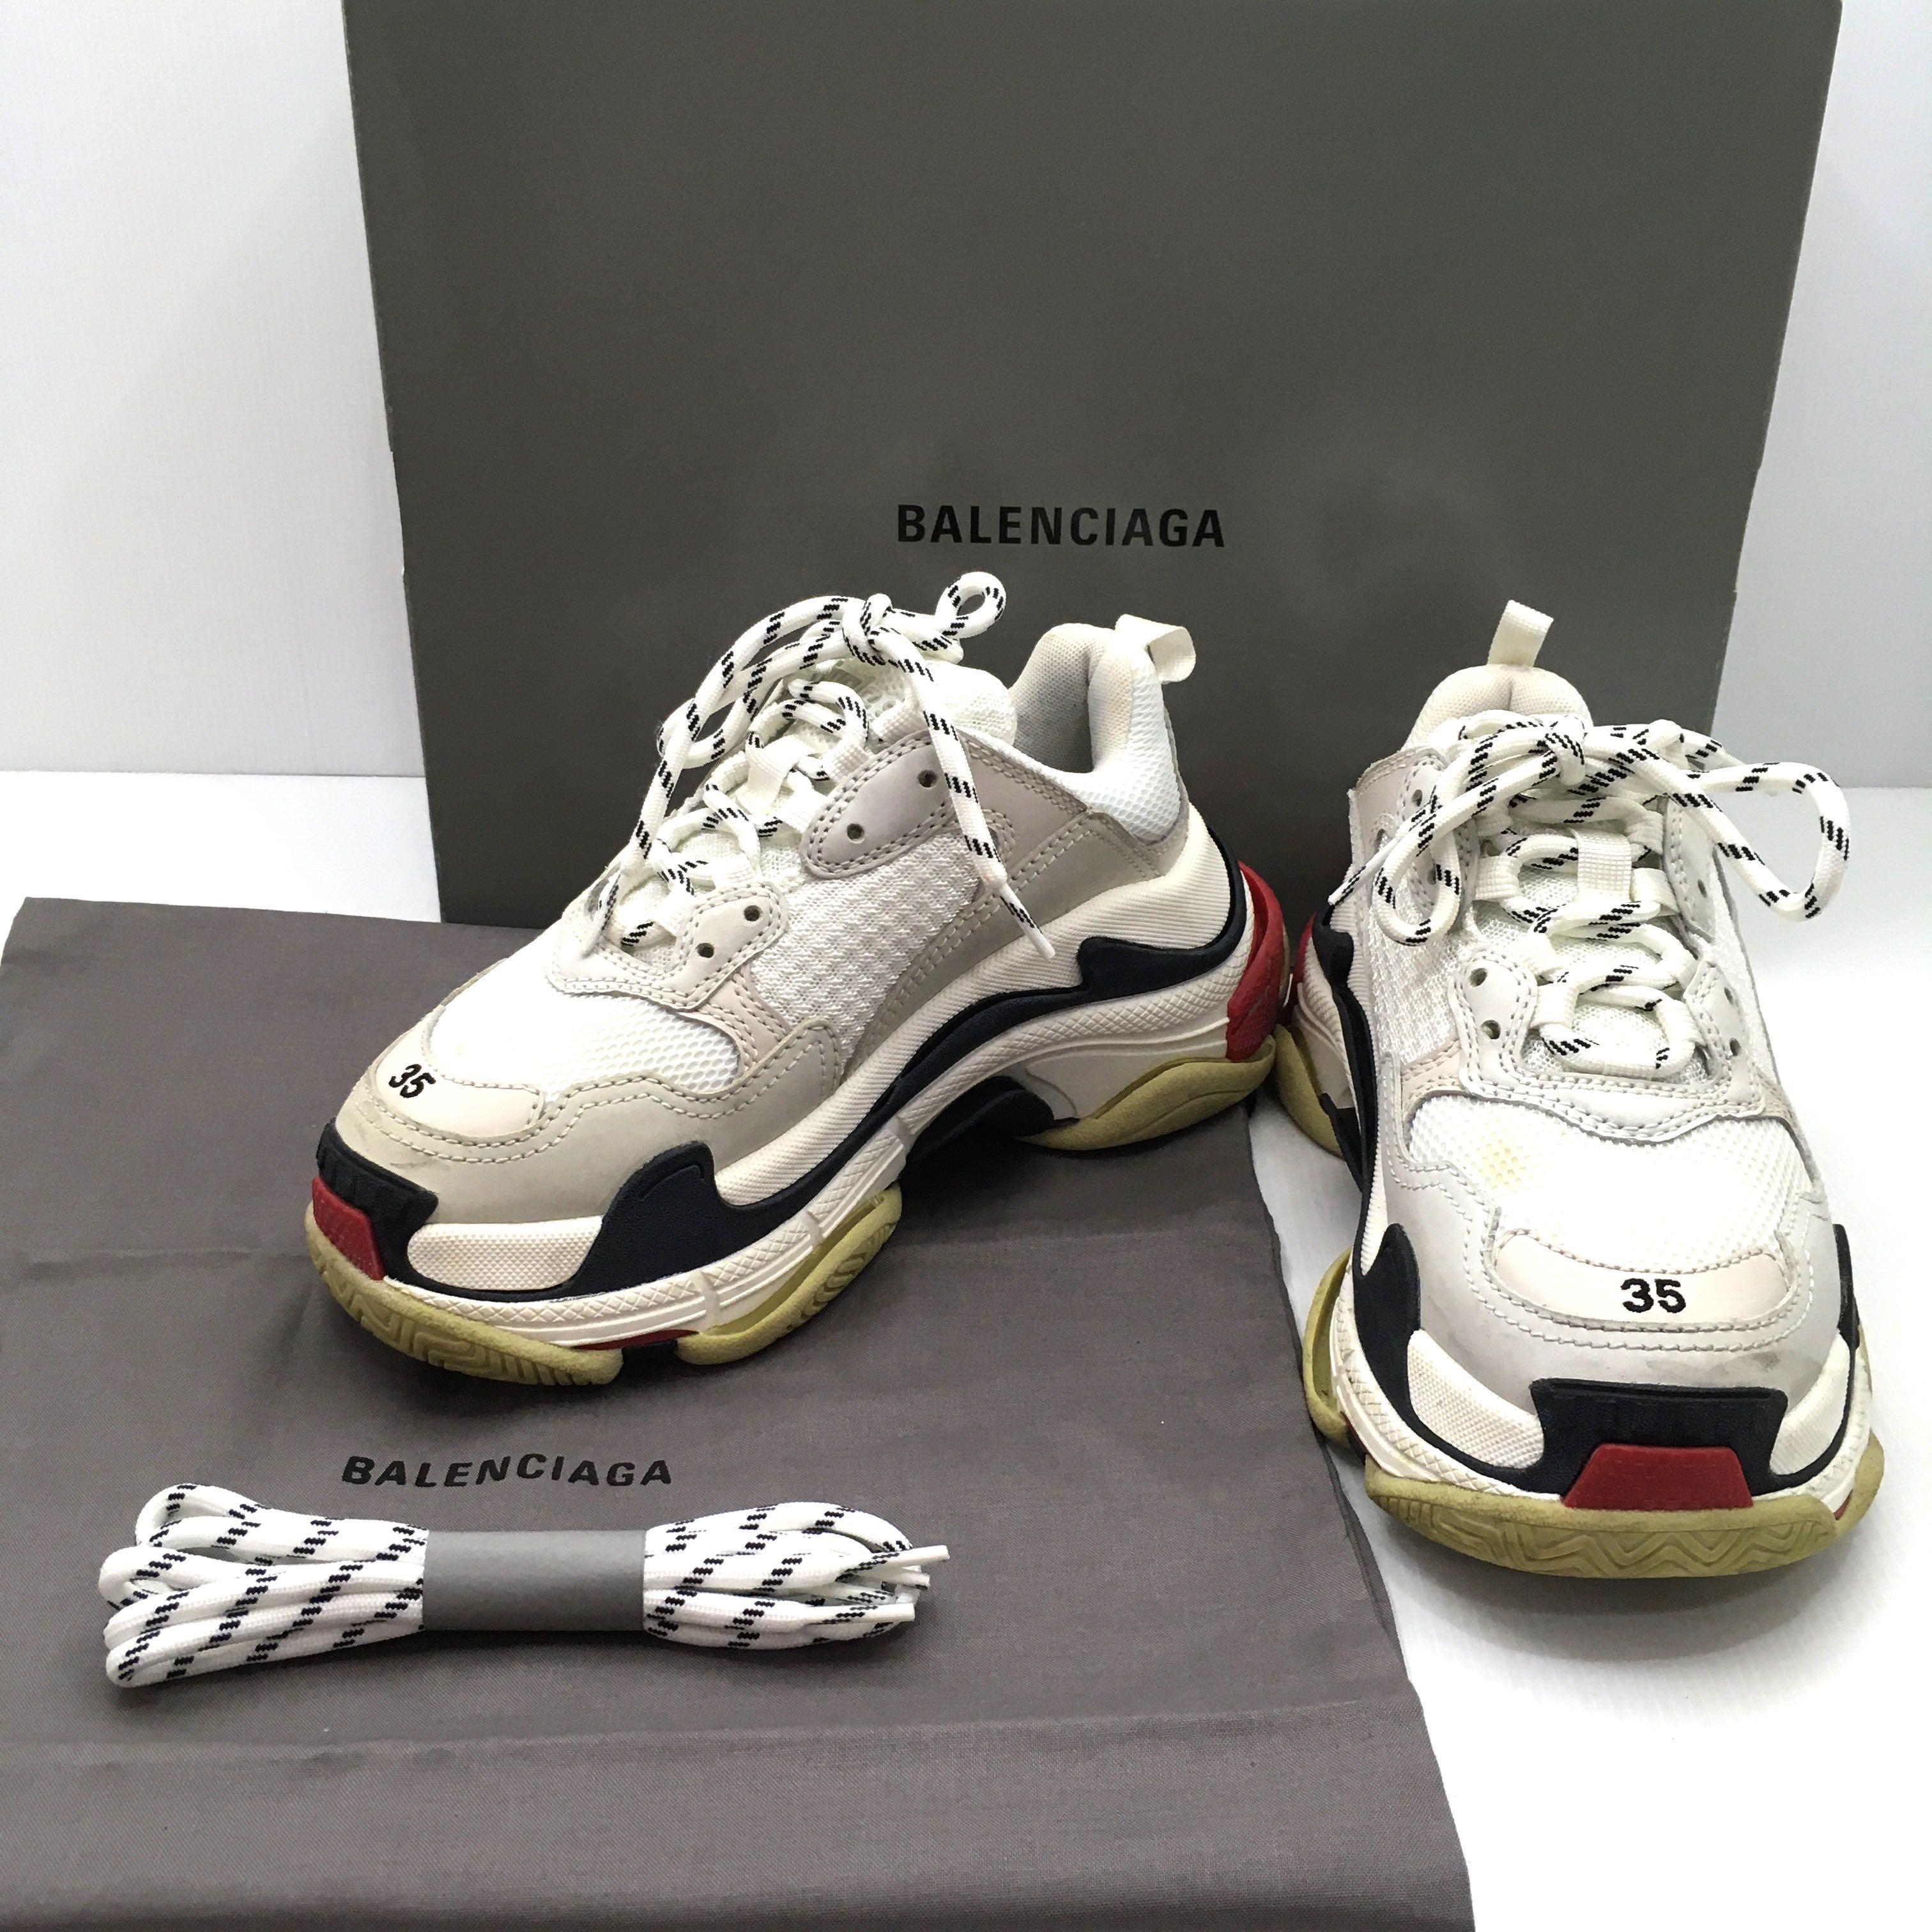 Discounted)Balenciaga Triple S Size 35